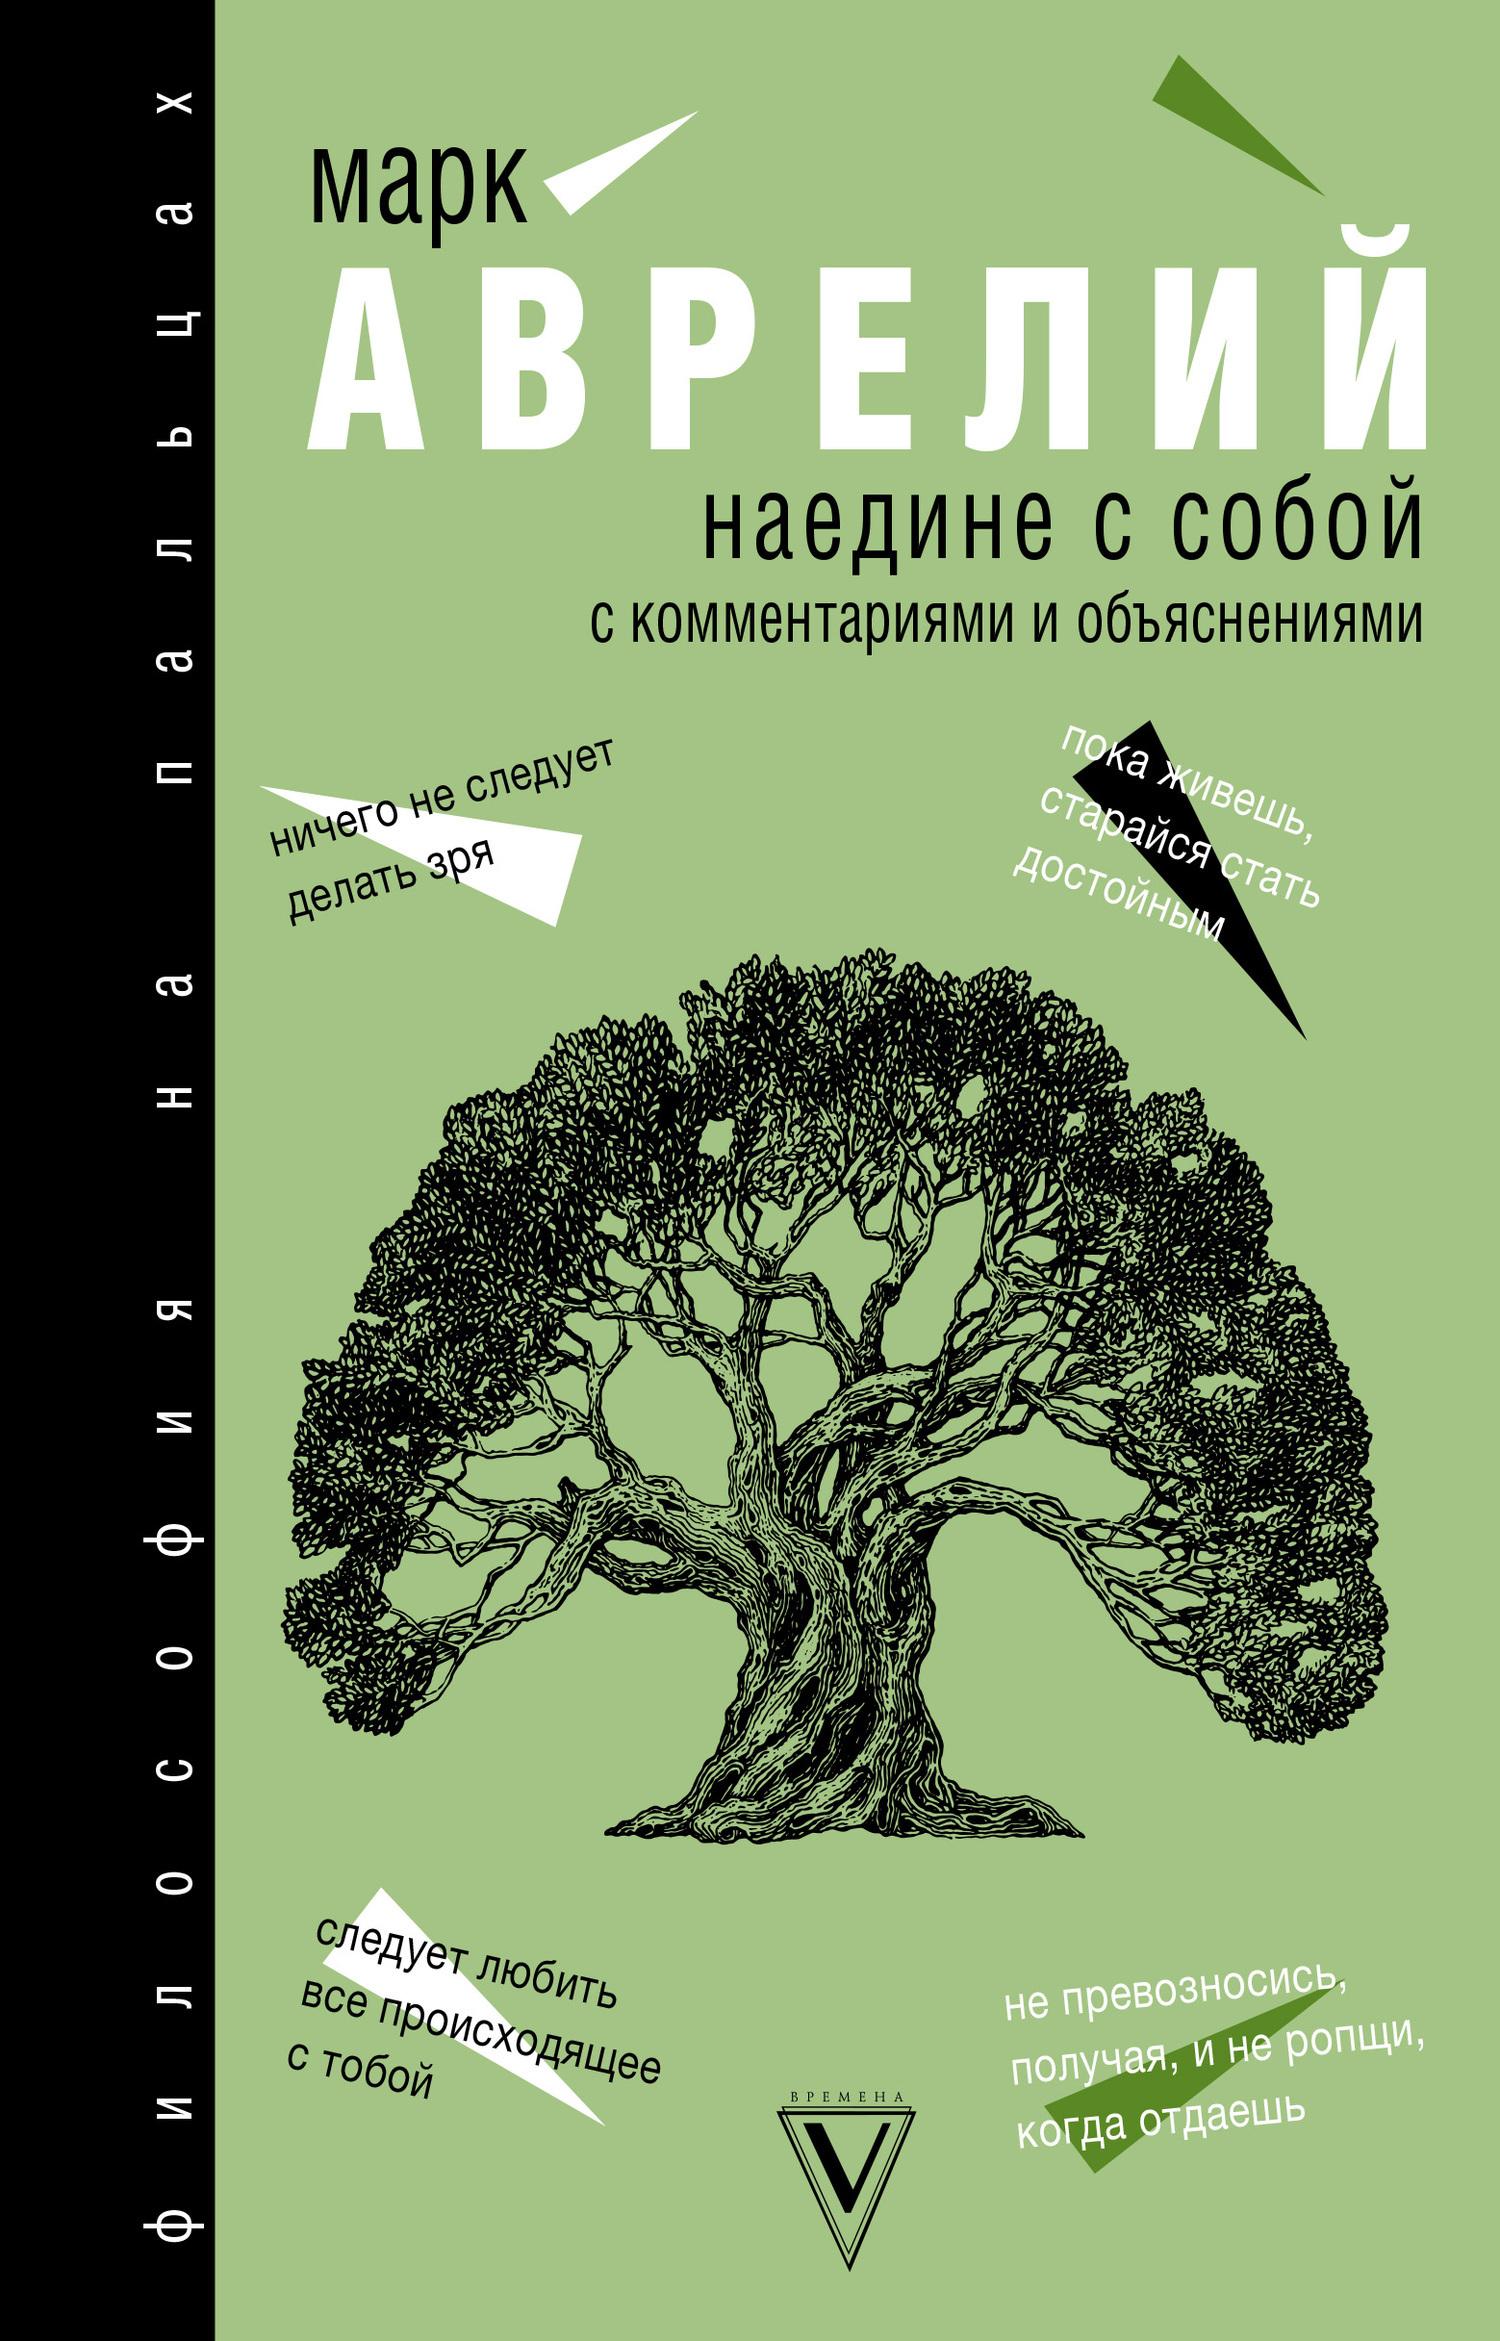 Марк Аврелий Антонин, Эльвира Вашкевич - Наедине с собой. С комментариями и объяснениями